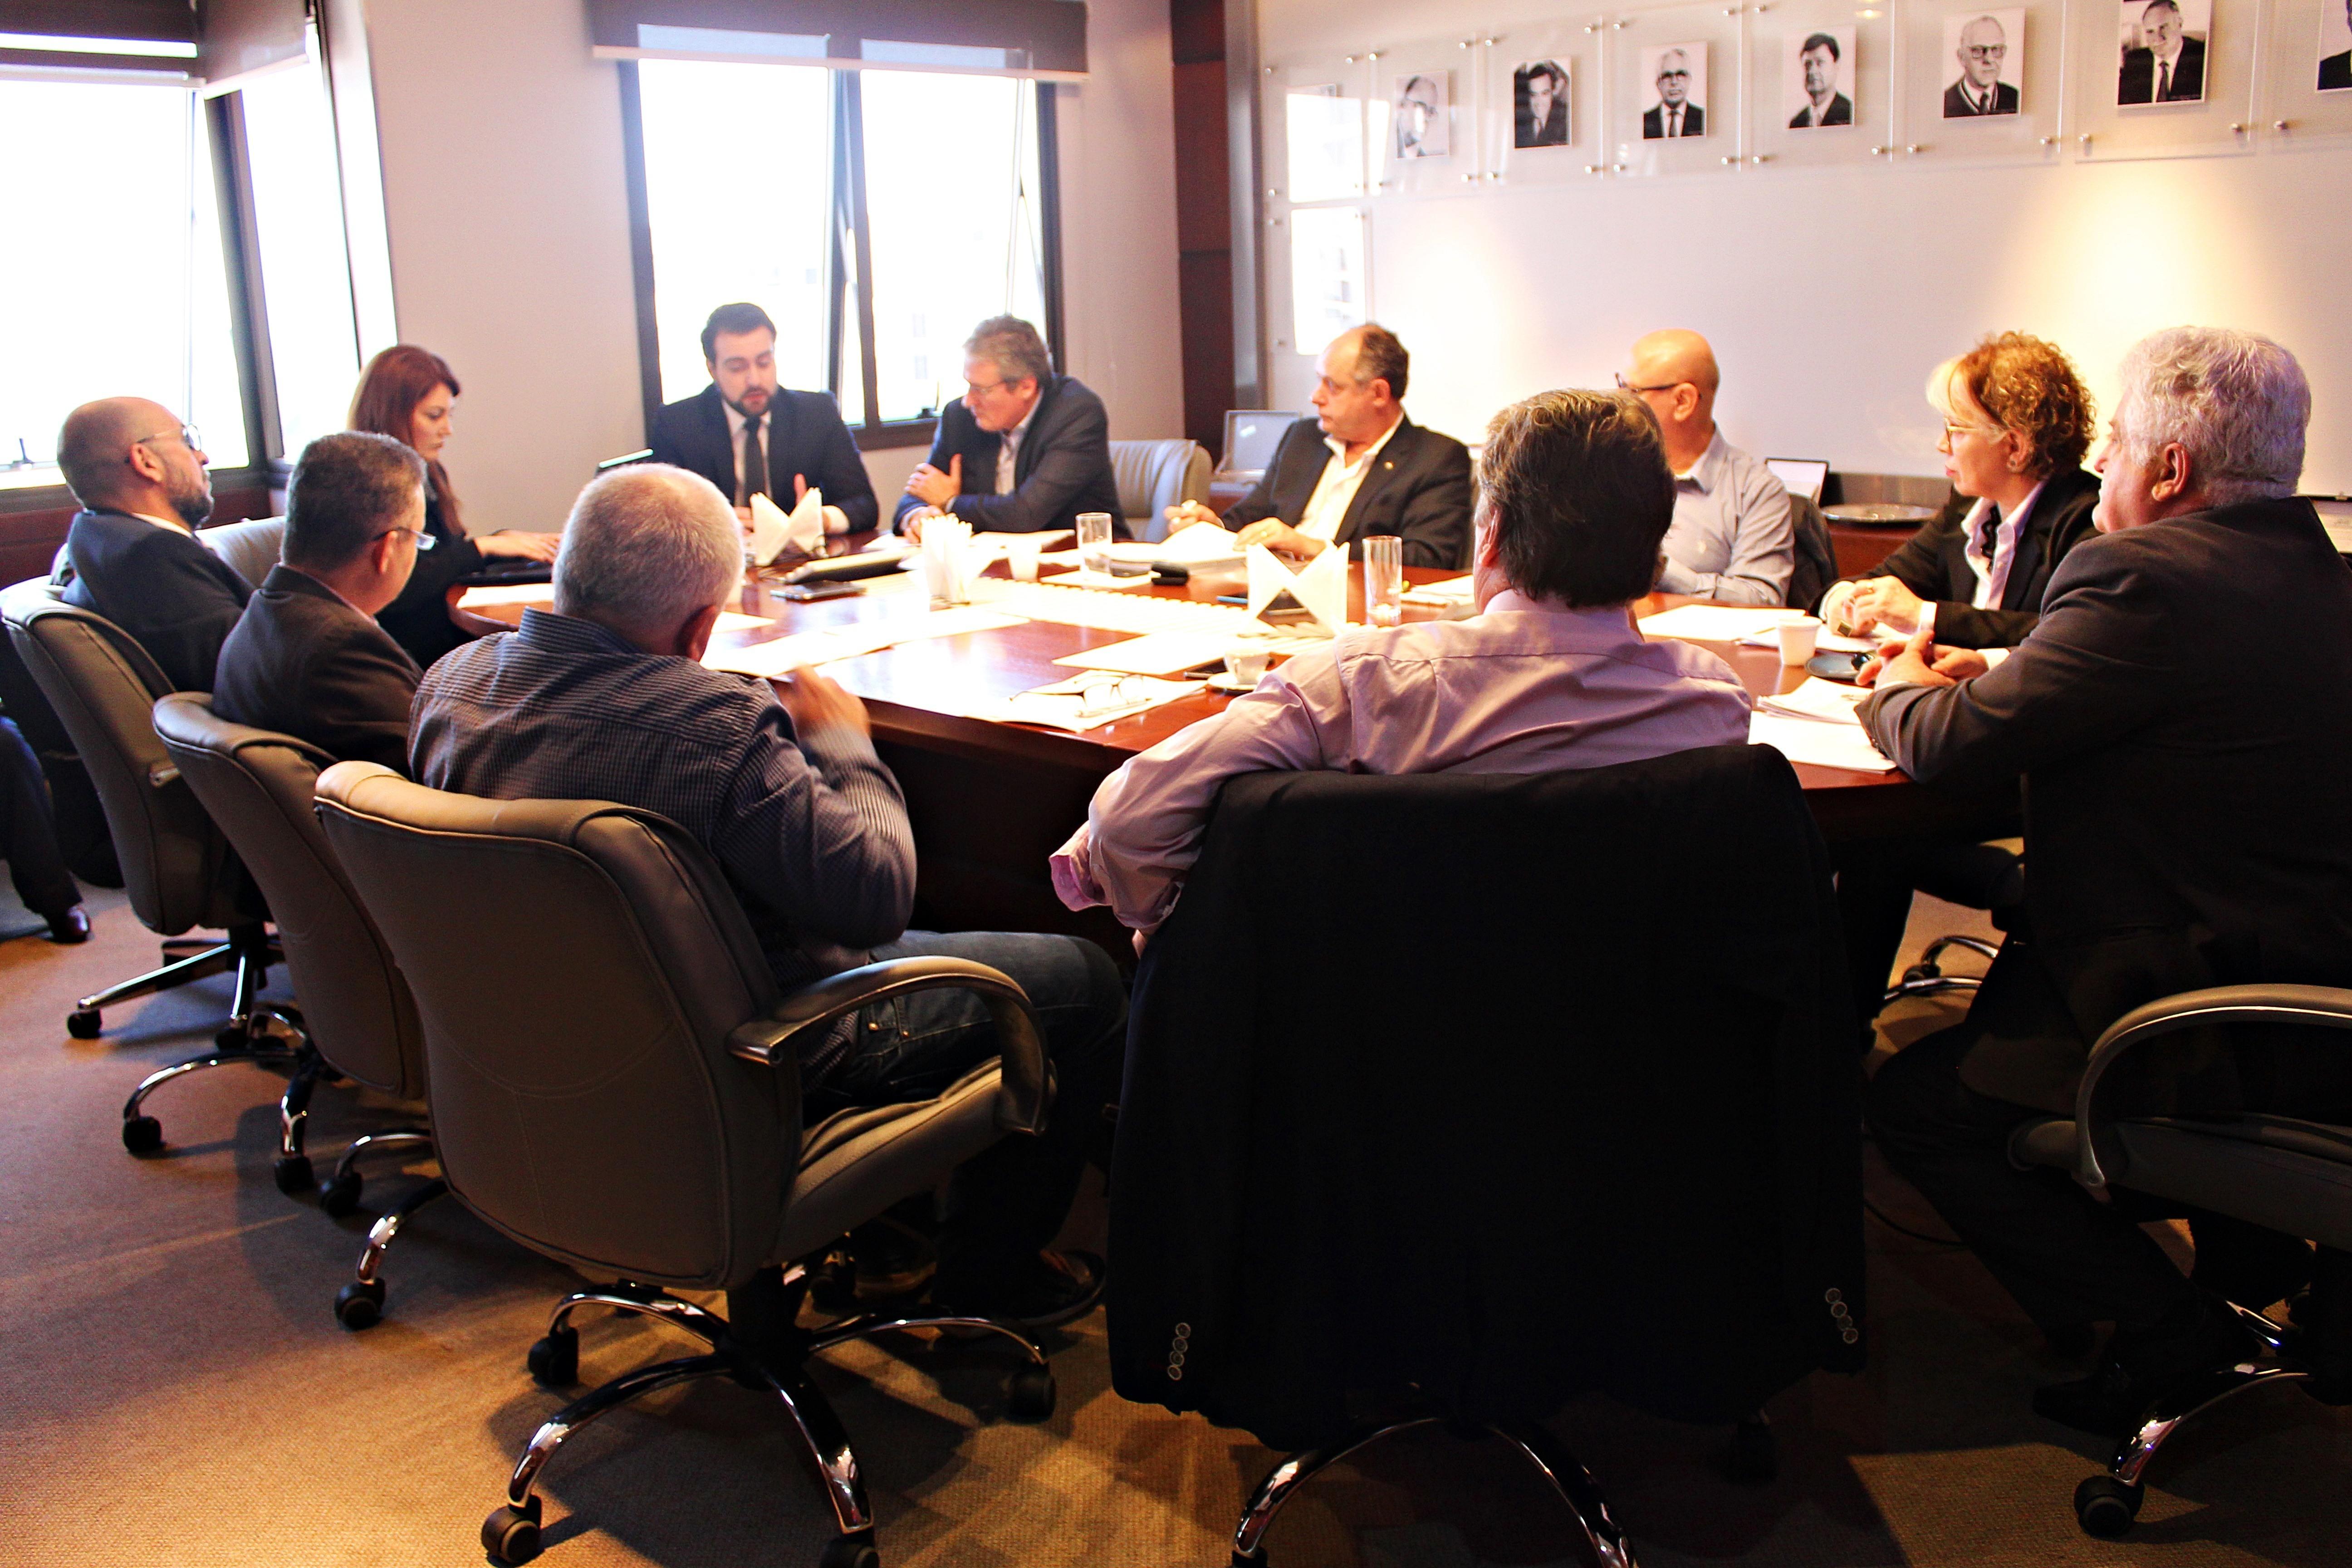 Presidentes das entidades de classe participam de reunião bimestral da Anoreg/RS